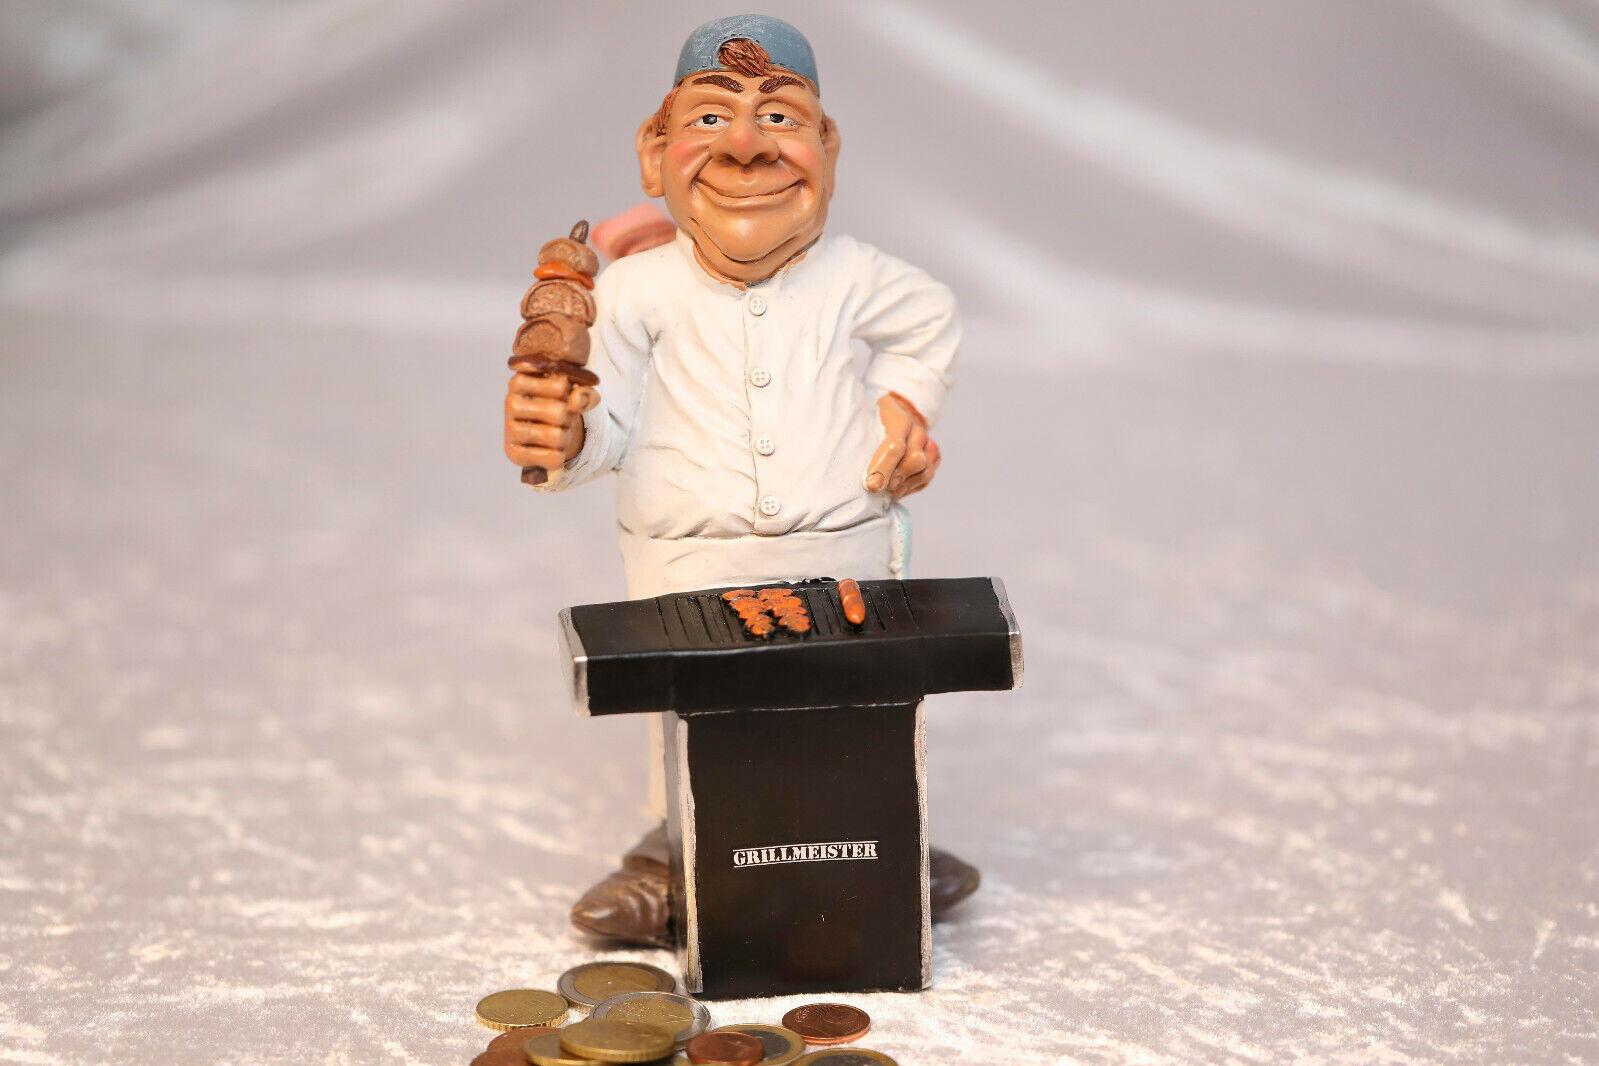 Spardose Grillmeister Grillen Sparschwein 20 cm, Money  Gravur mit Namen möglich